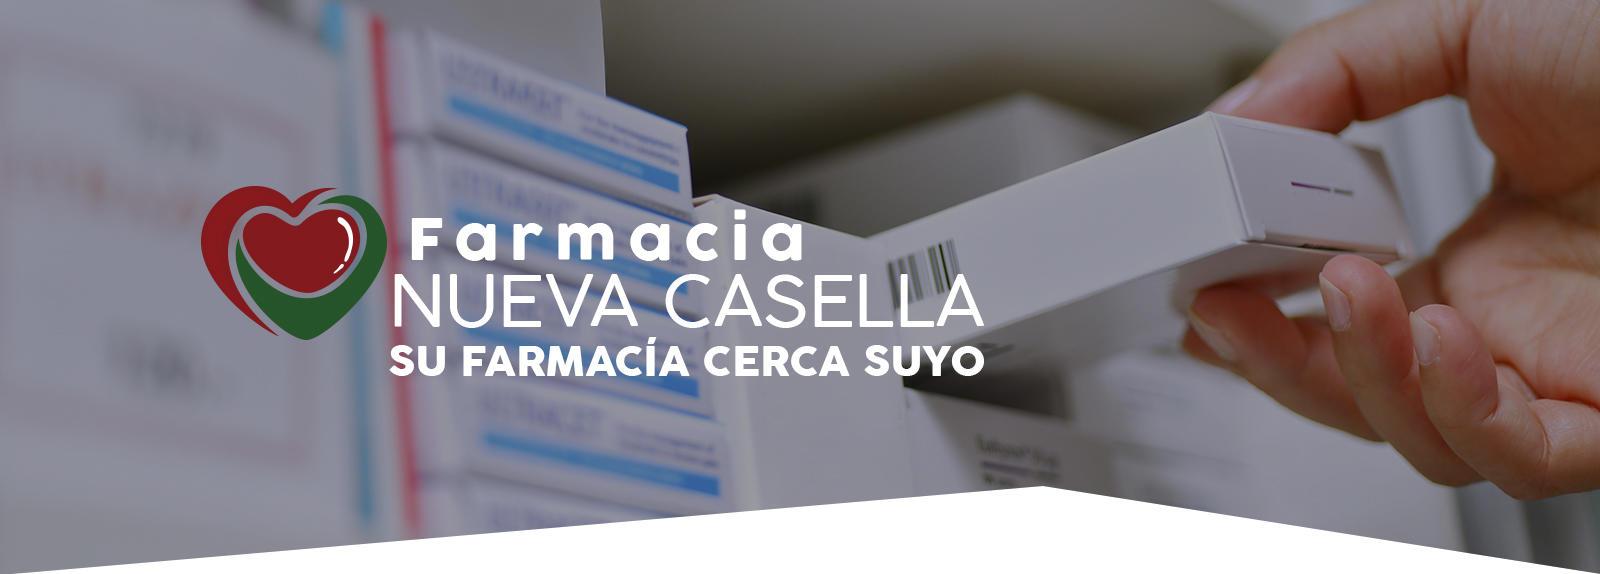 Farmacia Nueva Casella